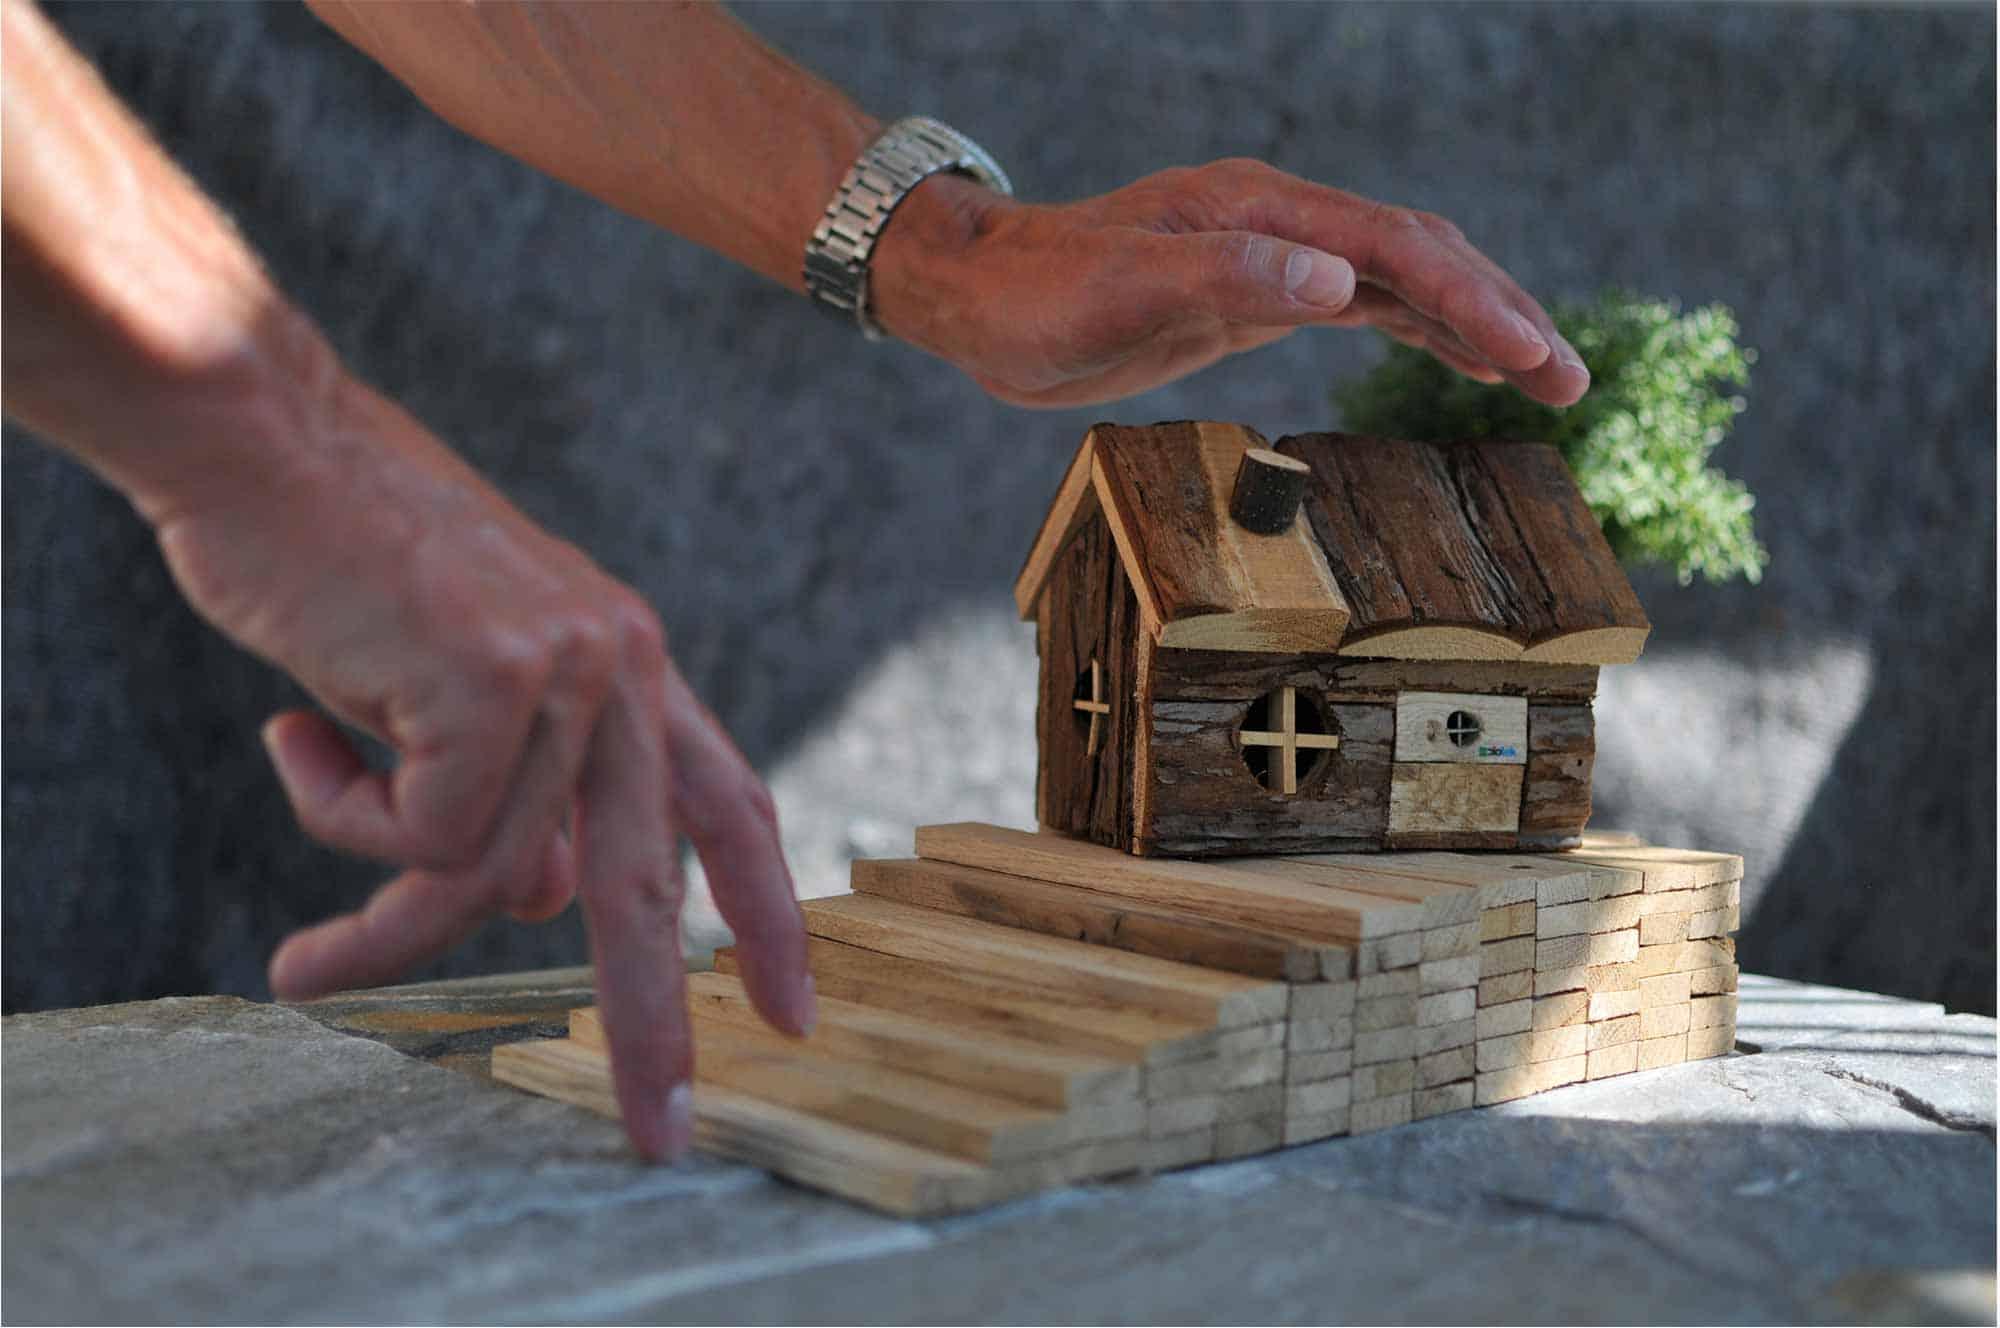 Diotek beskytter din bolig på en god og økonomisk attraktiv måde.